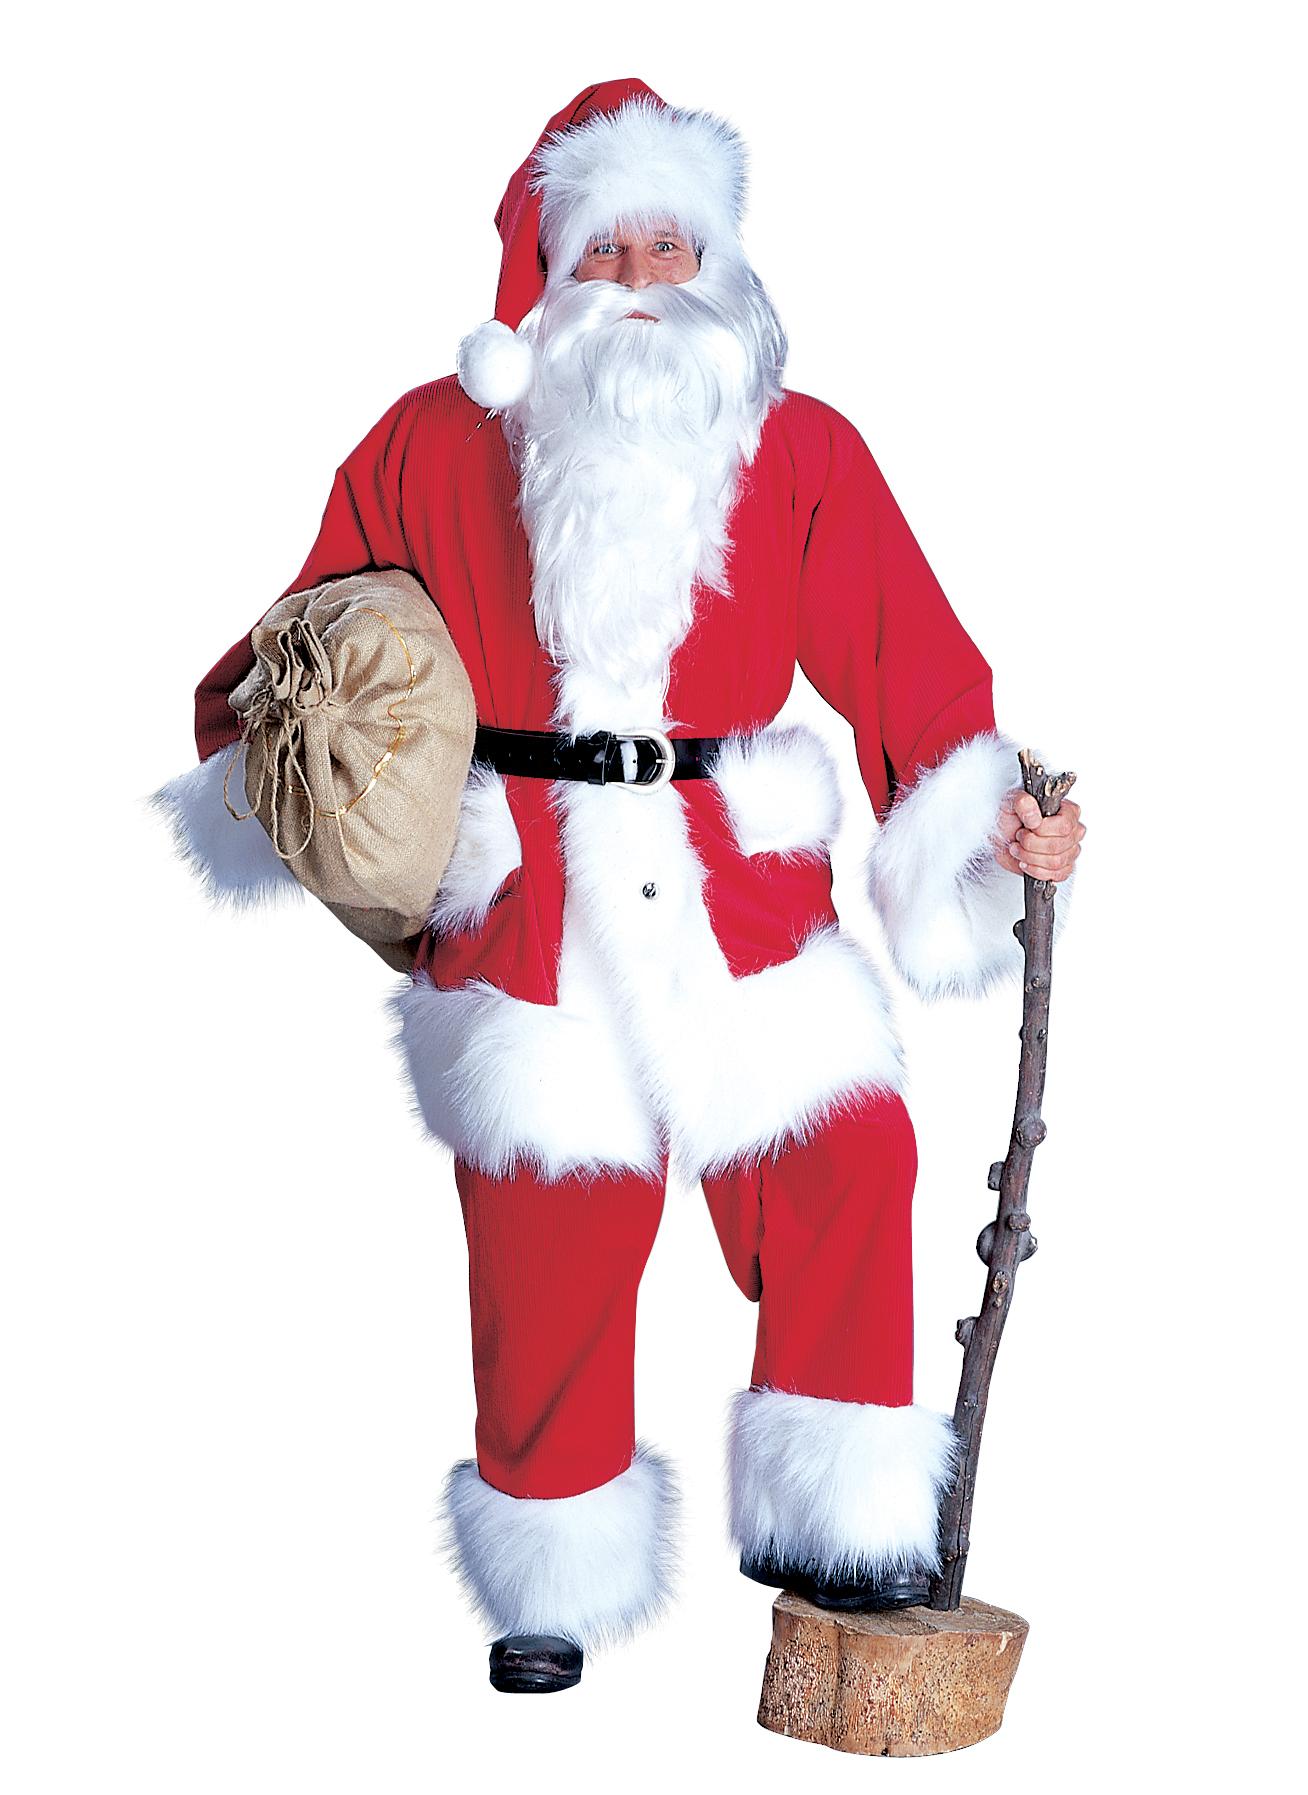 kordanzug weihnachtsmann anzug nikolaus weihnachten 4 teilig. Black Bedroom Furniture Sets. Home Design Ideas